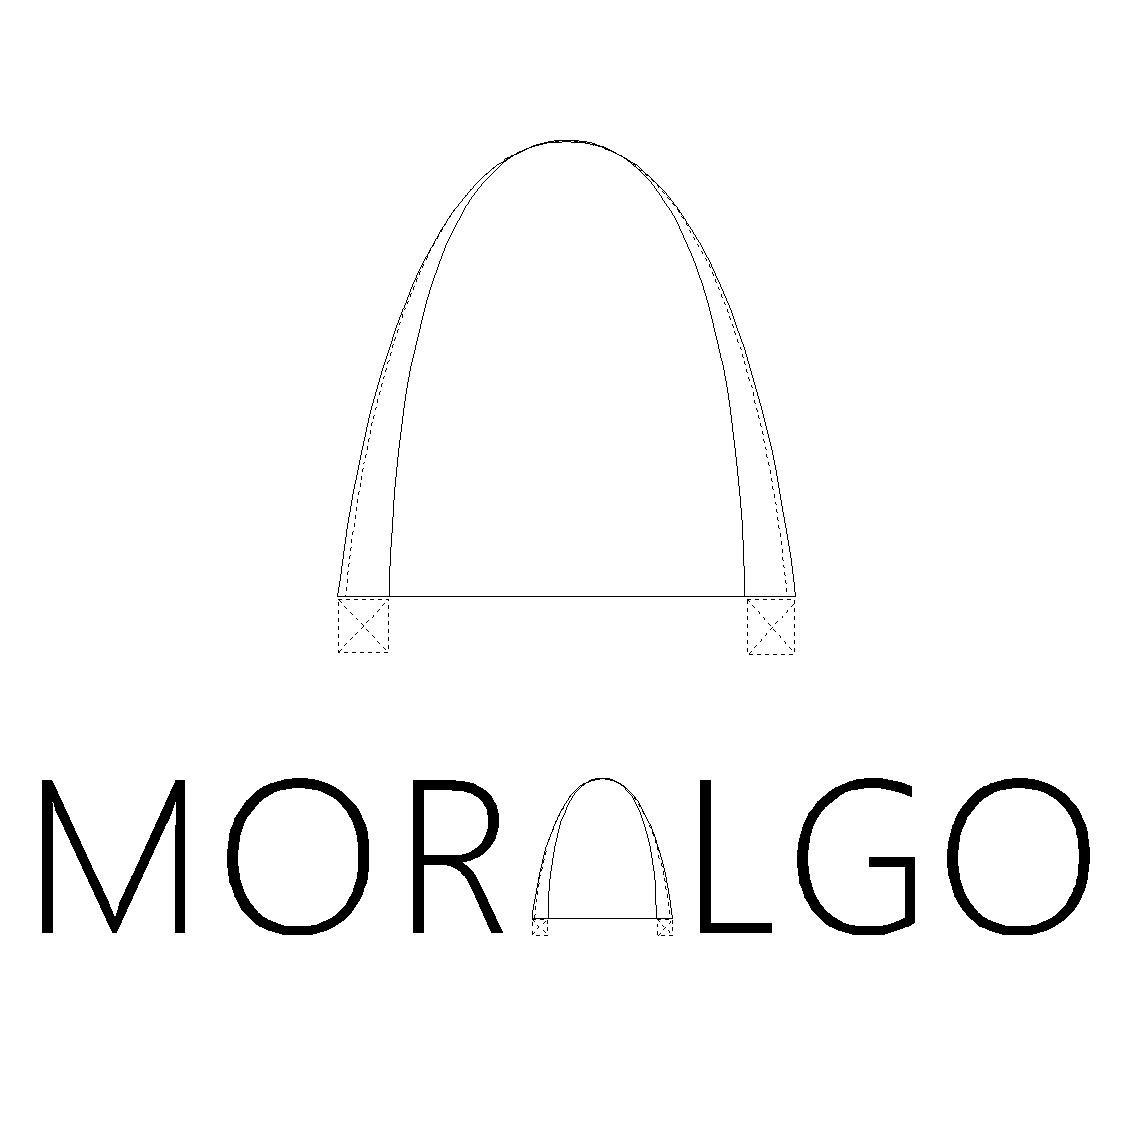 Moralgo